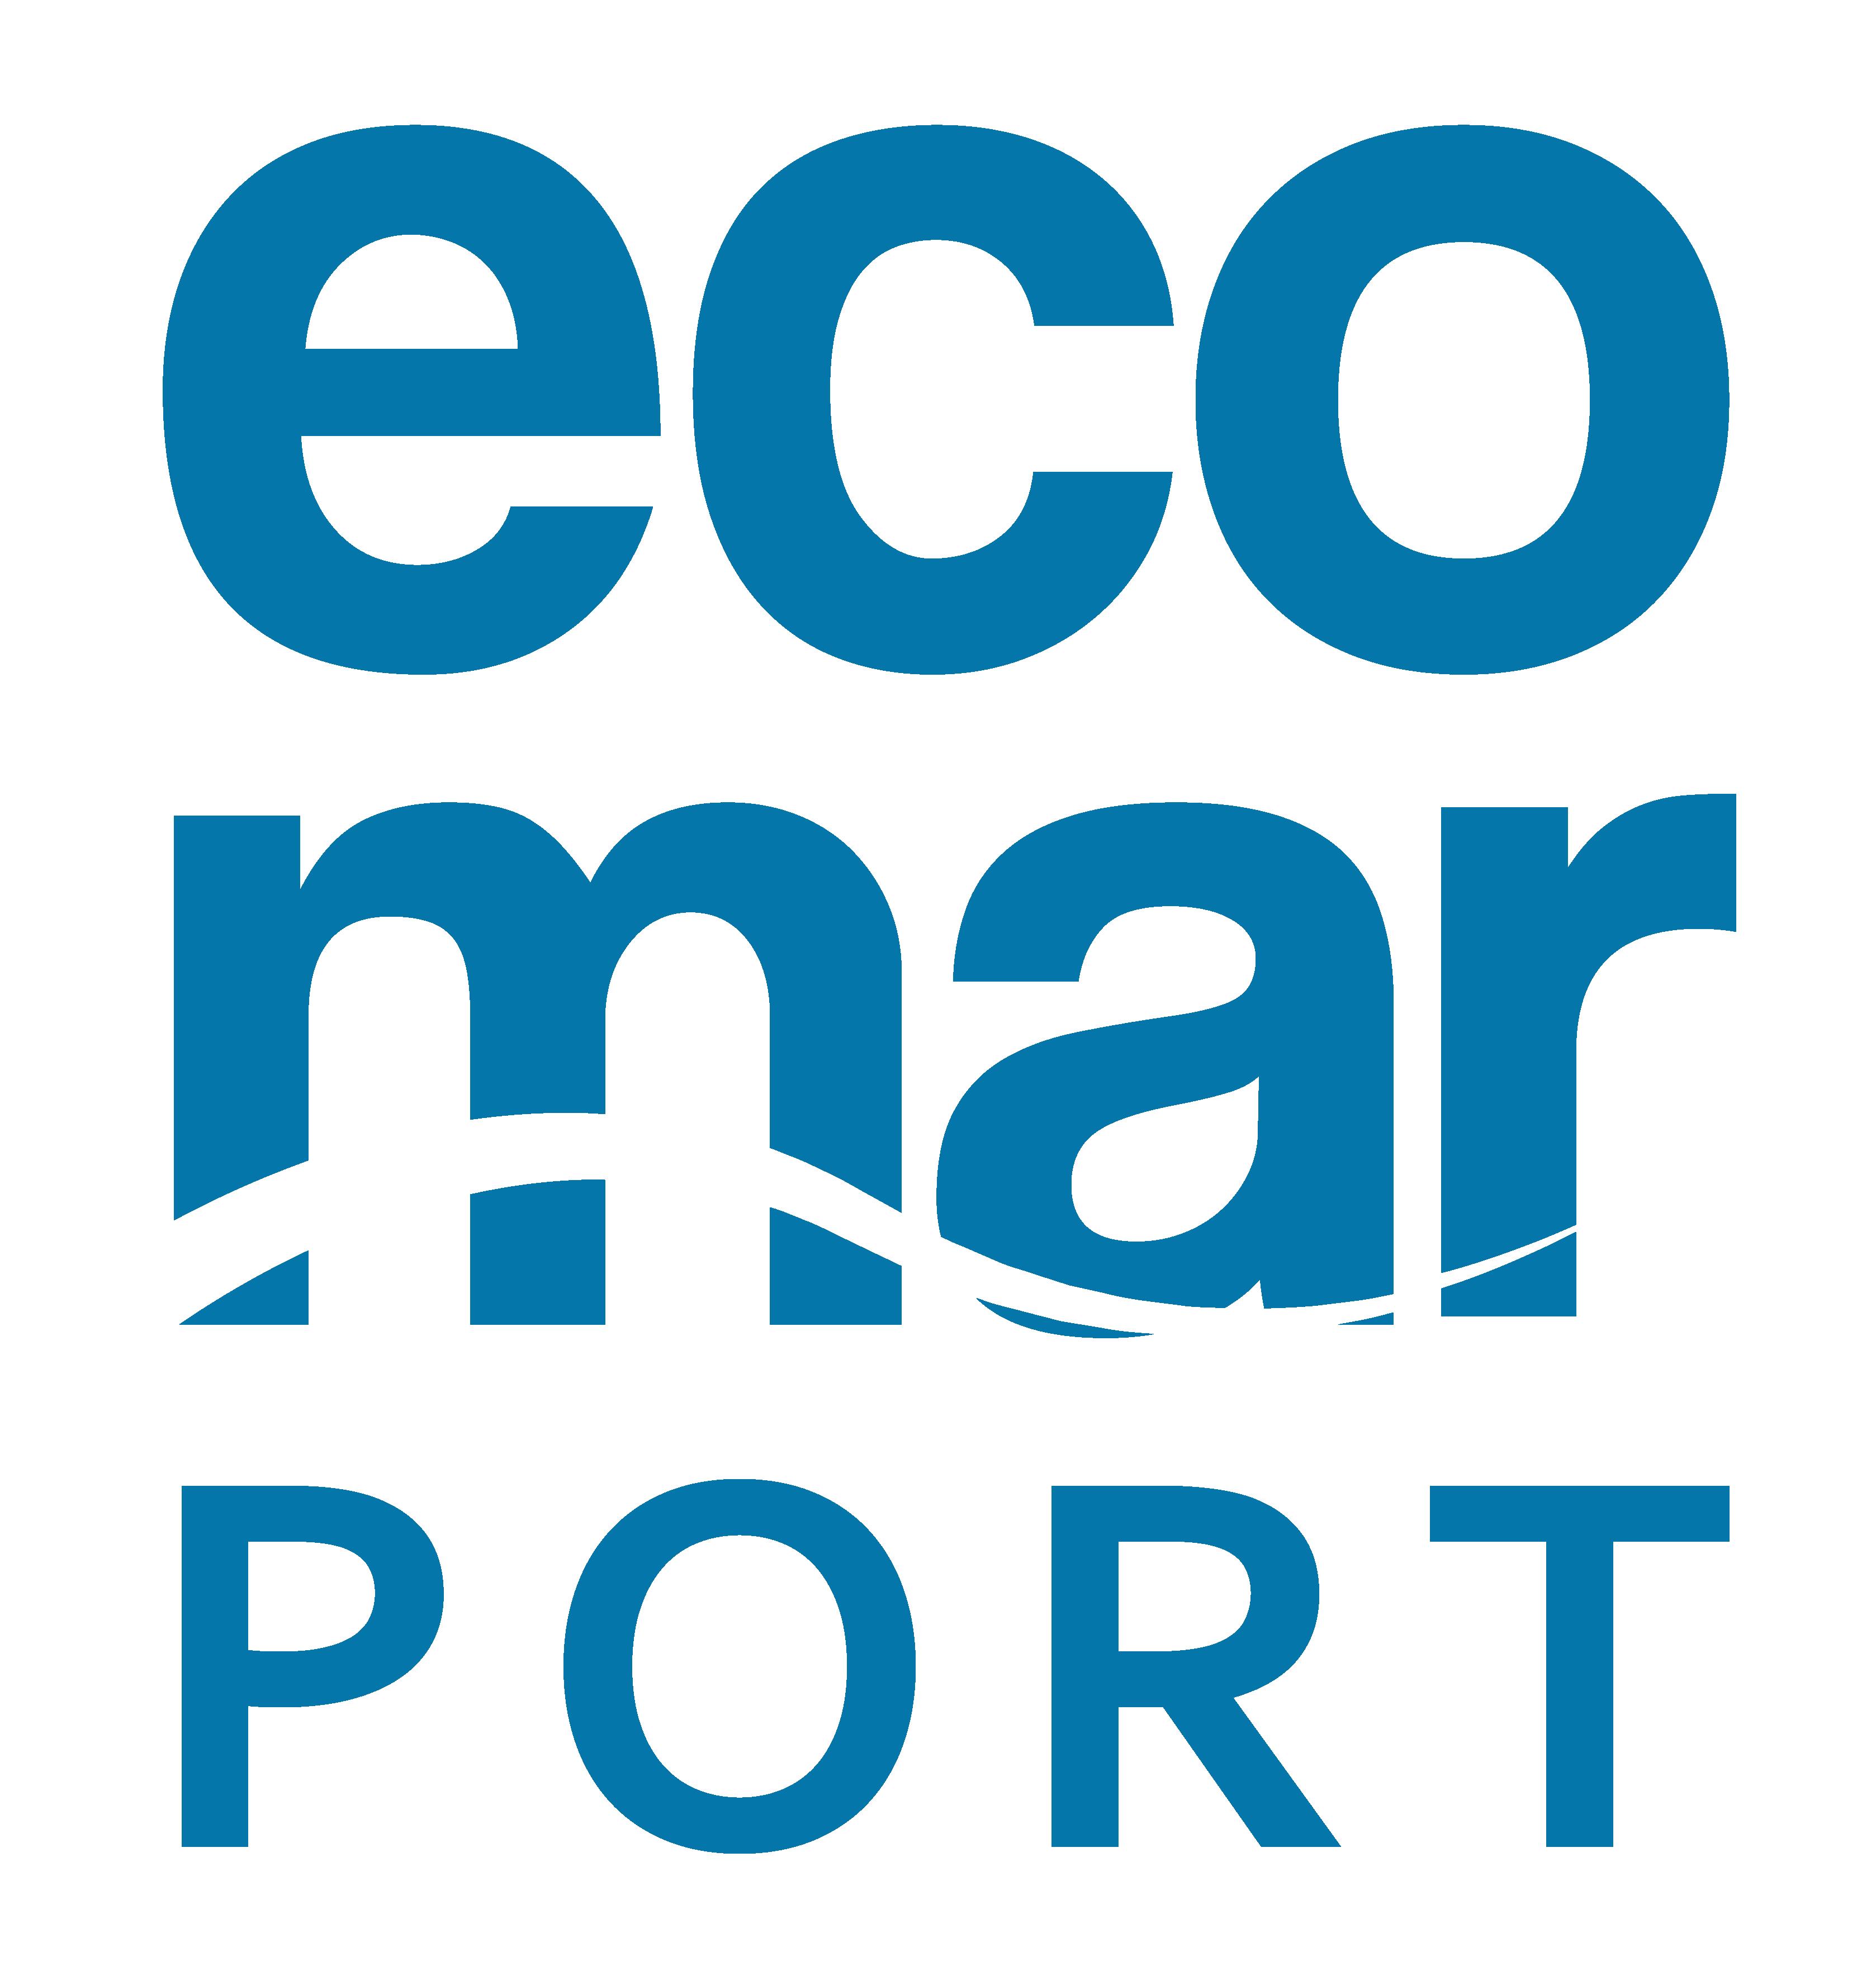 Eco Mar Port